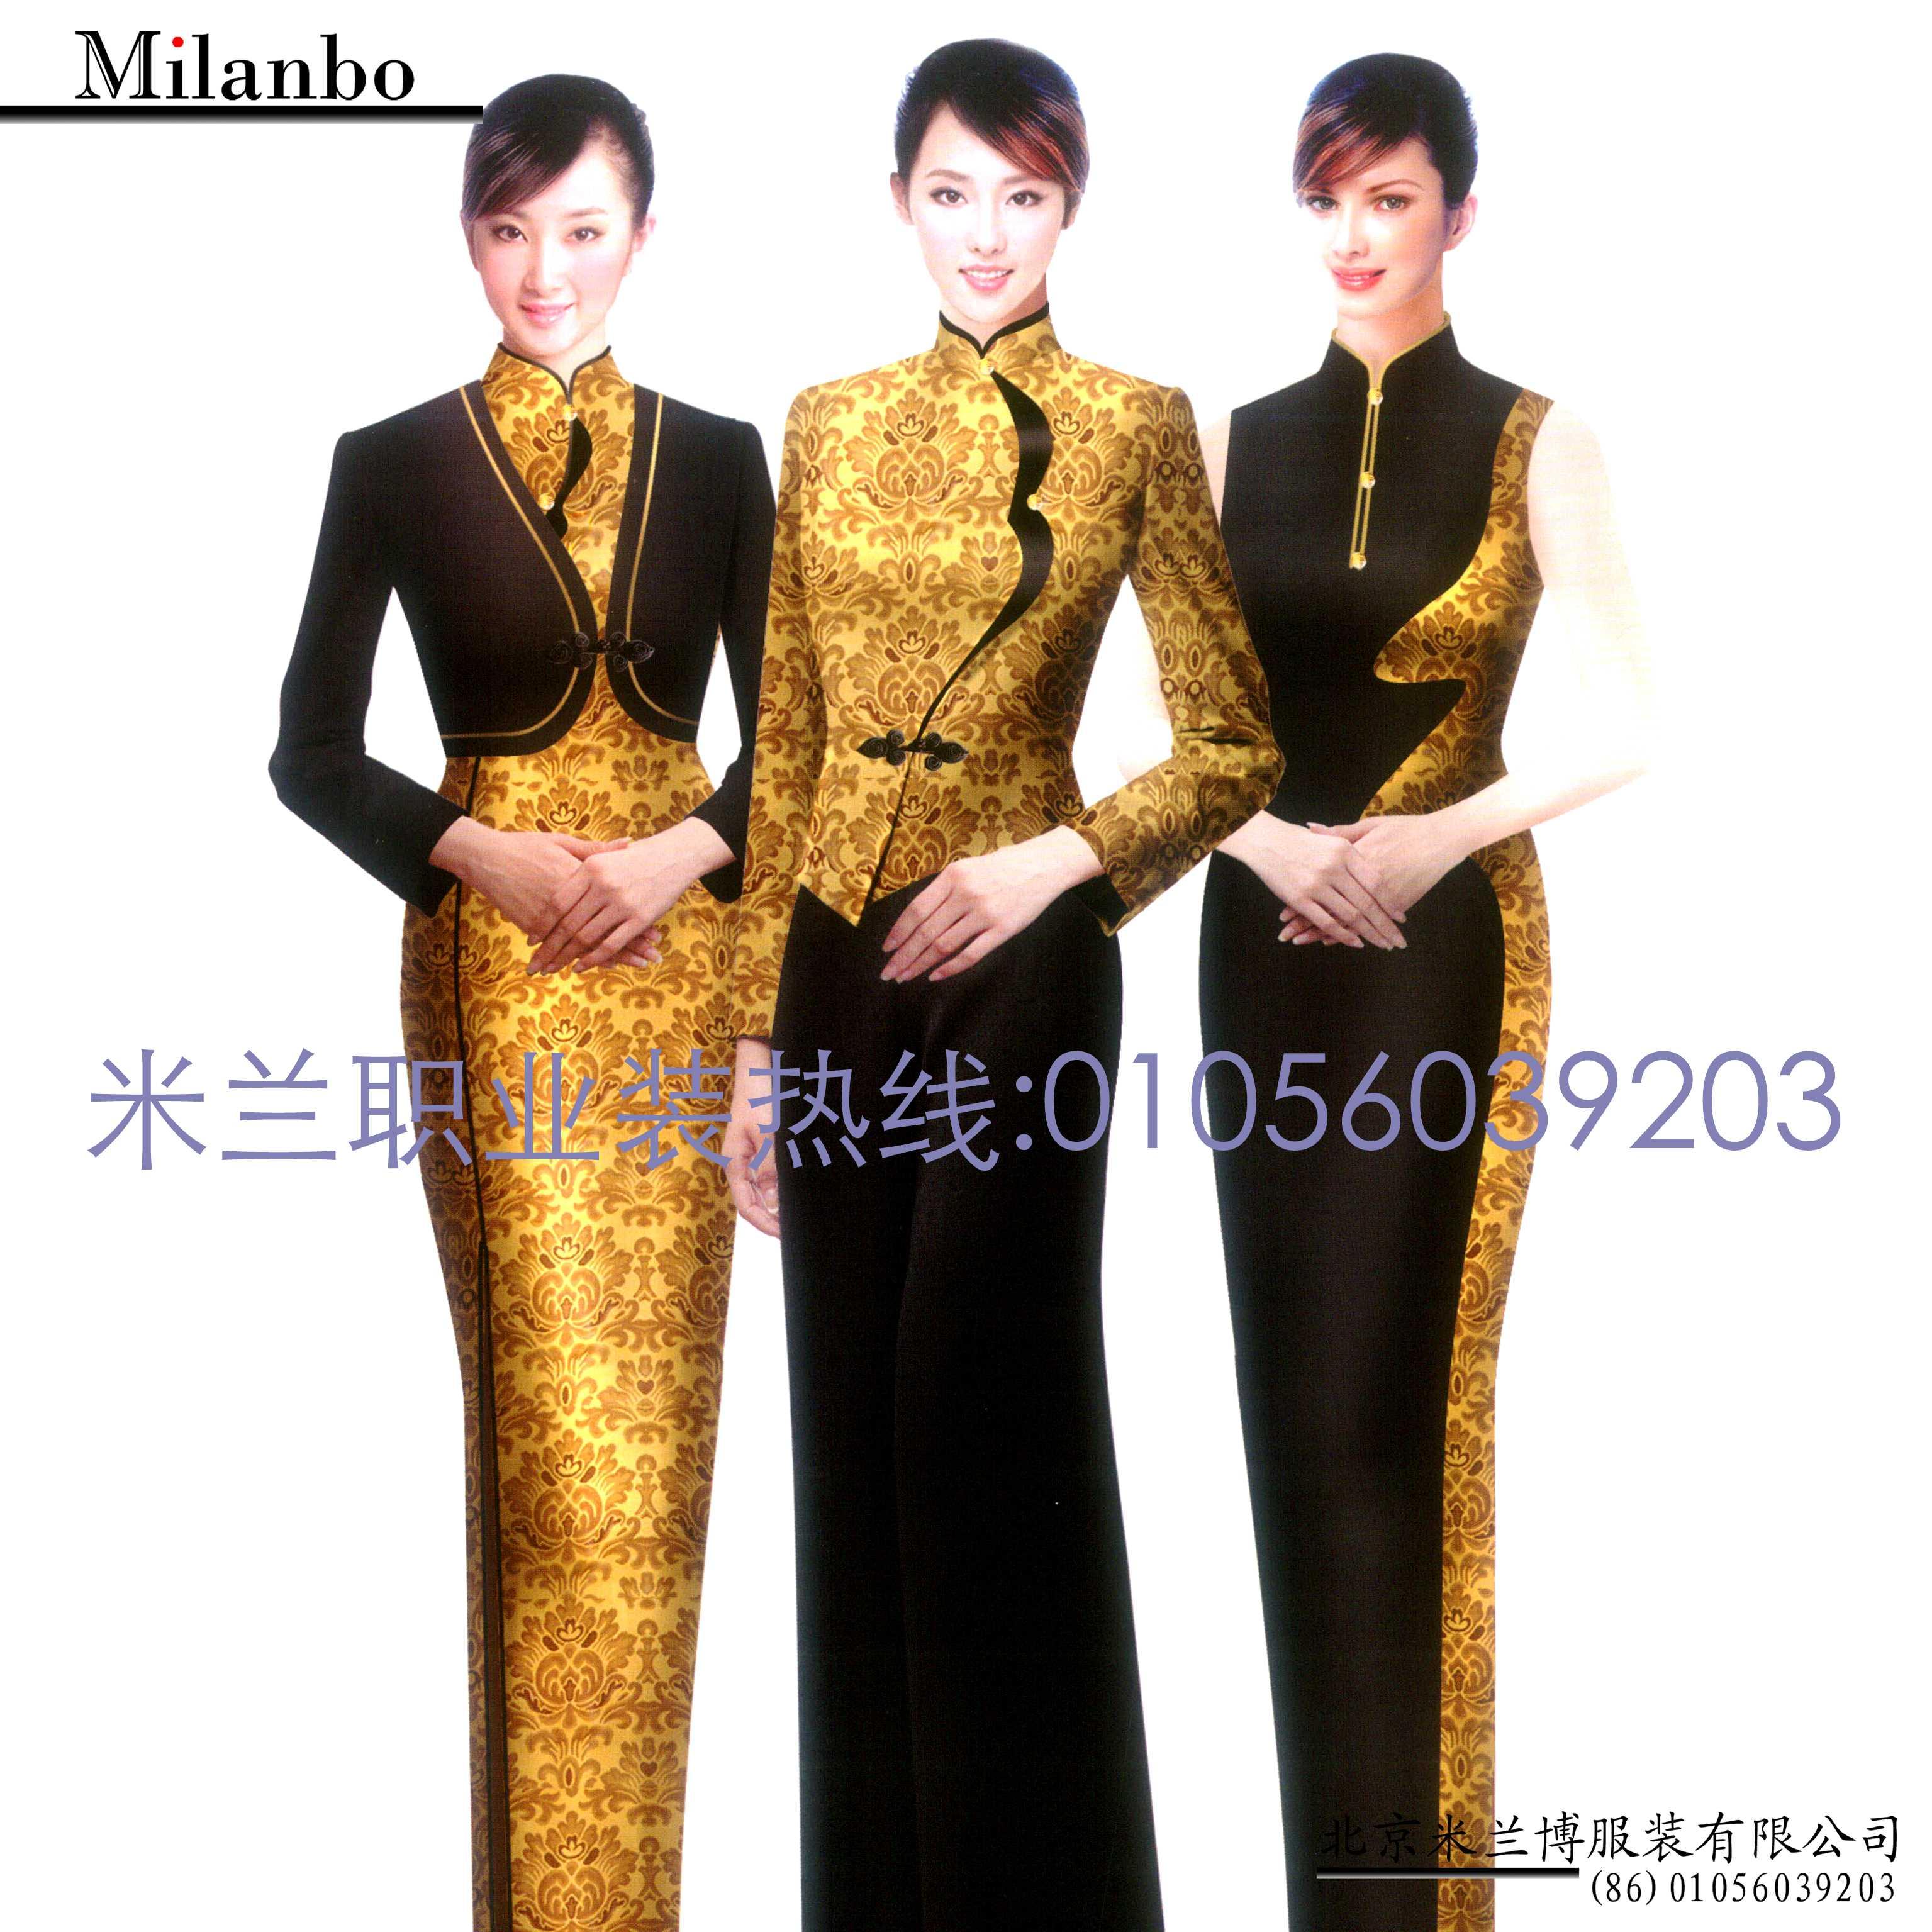 「中式旗袍定制」「古典旗袍订制」-米兰弘品牌服装-4